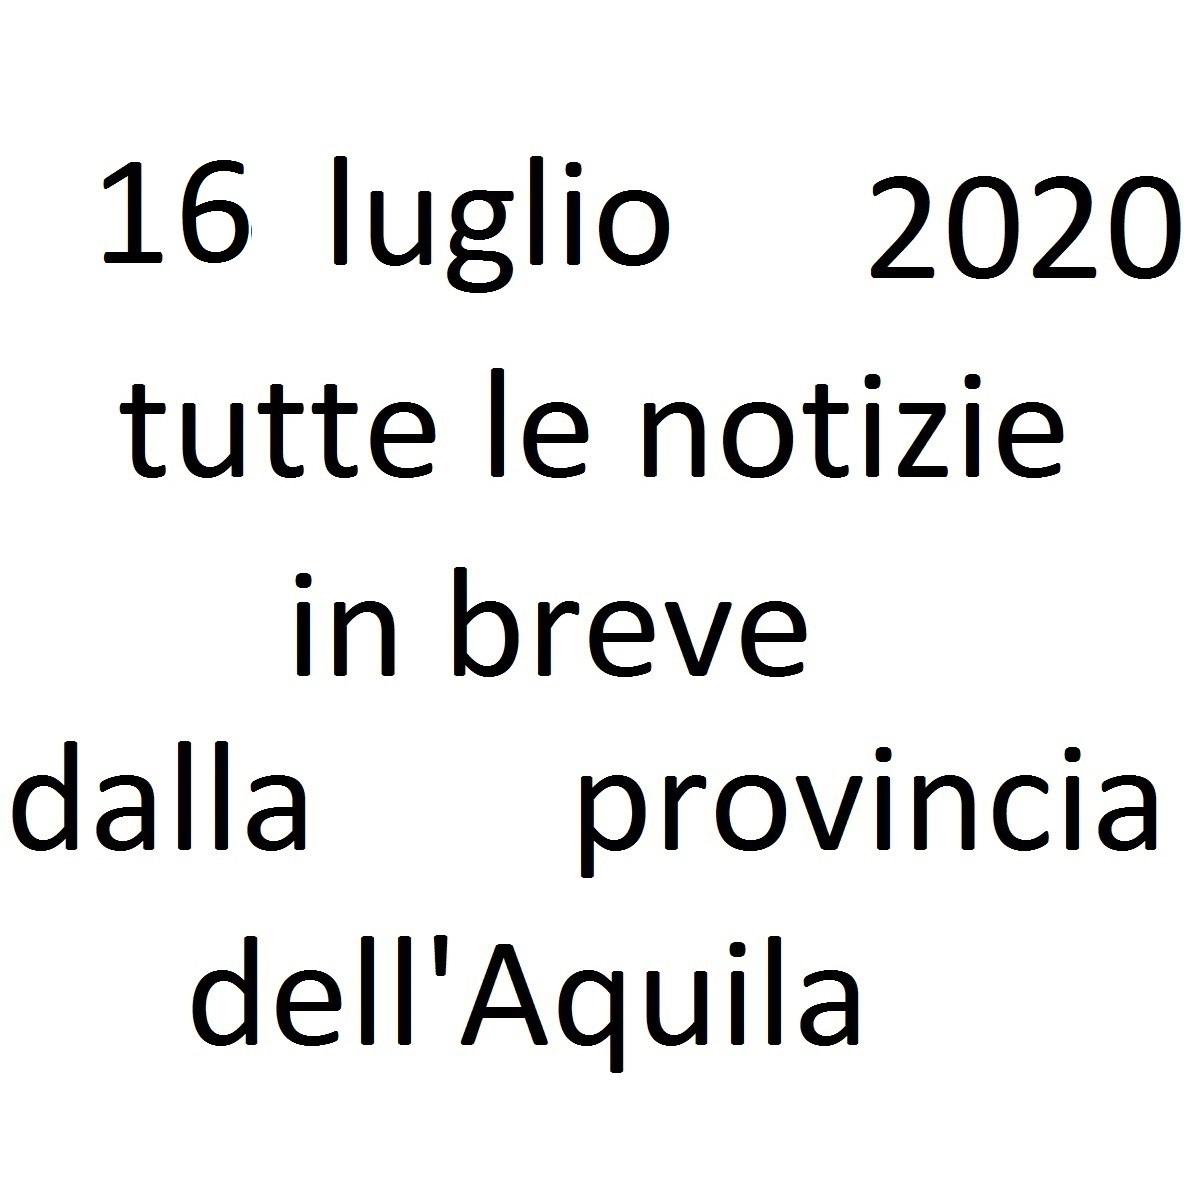 16 luglio 2020 notizie in breve dalla Provincia dell'Aquila foto